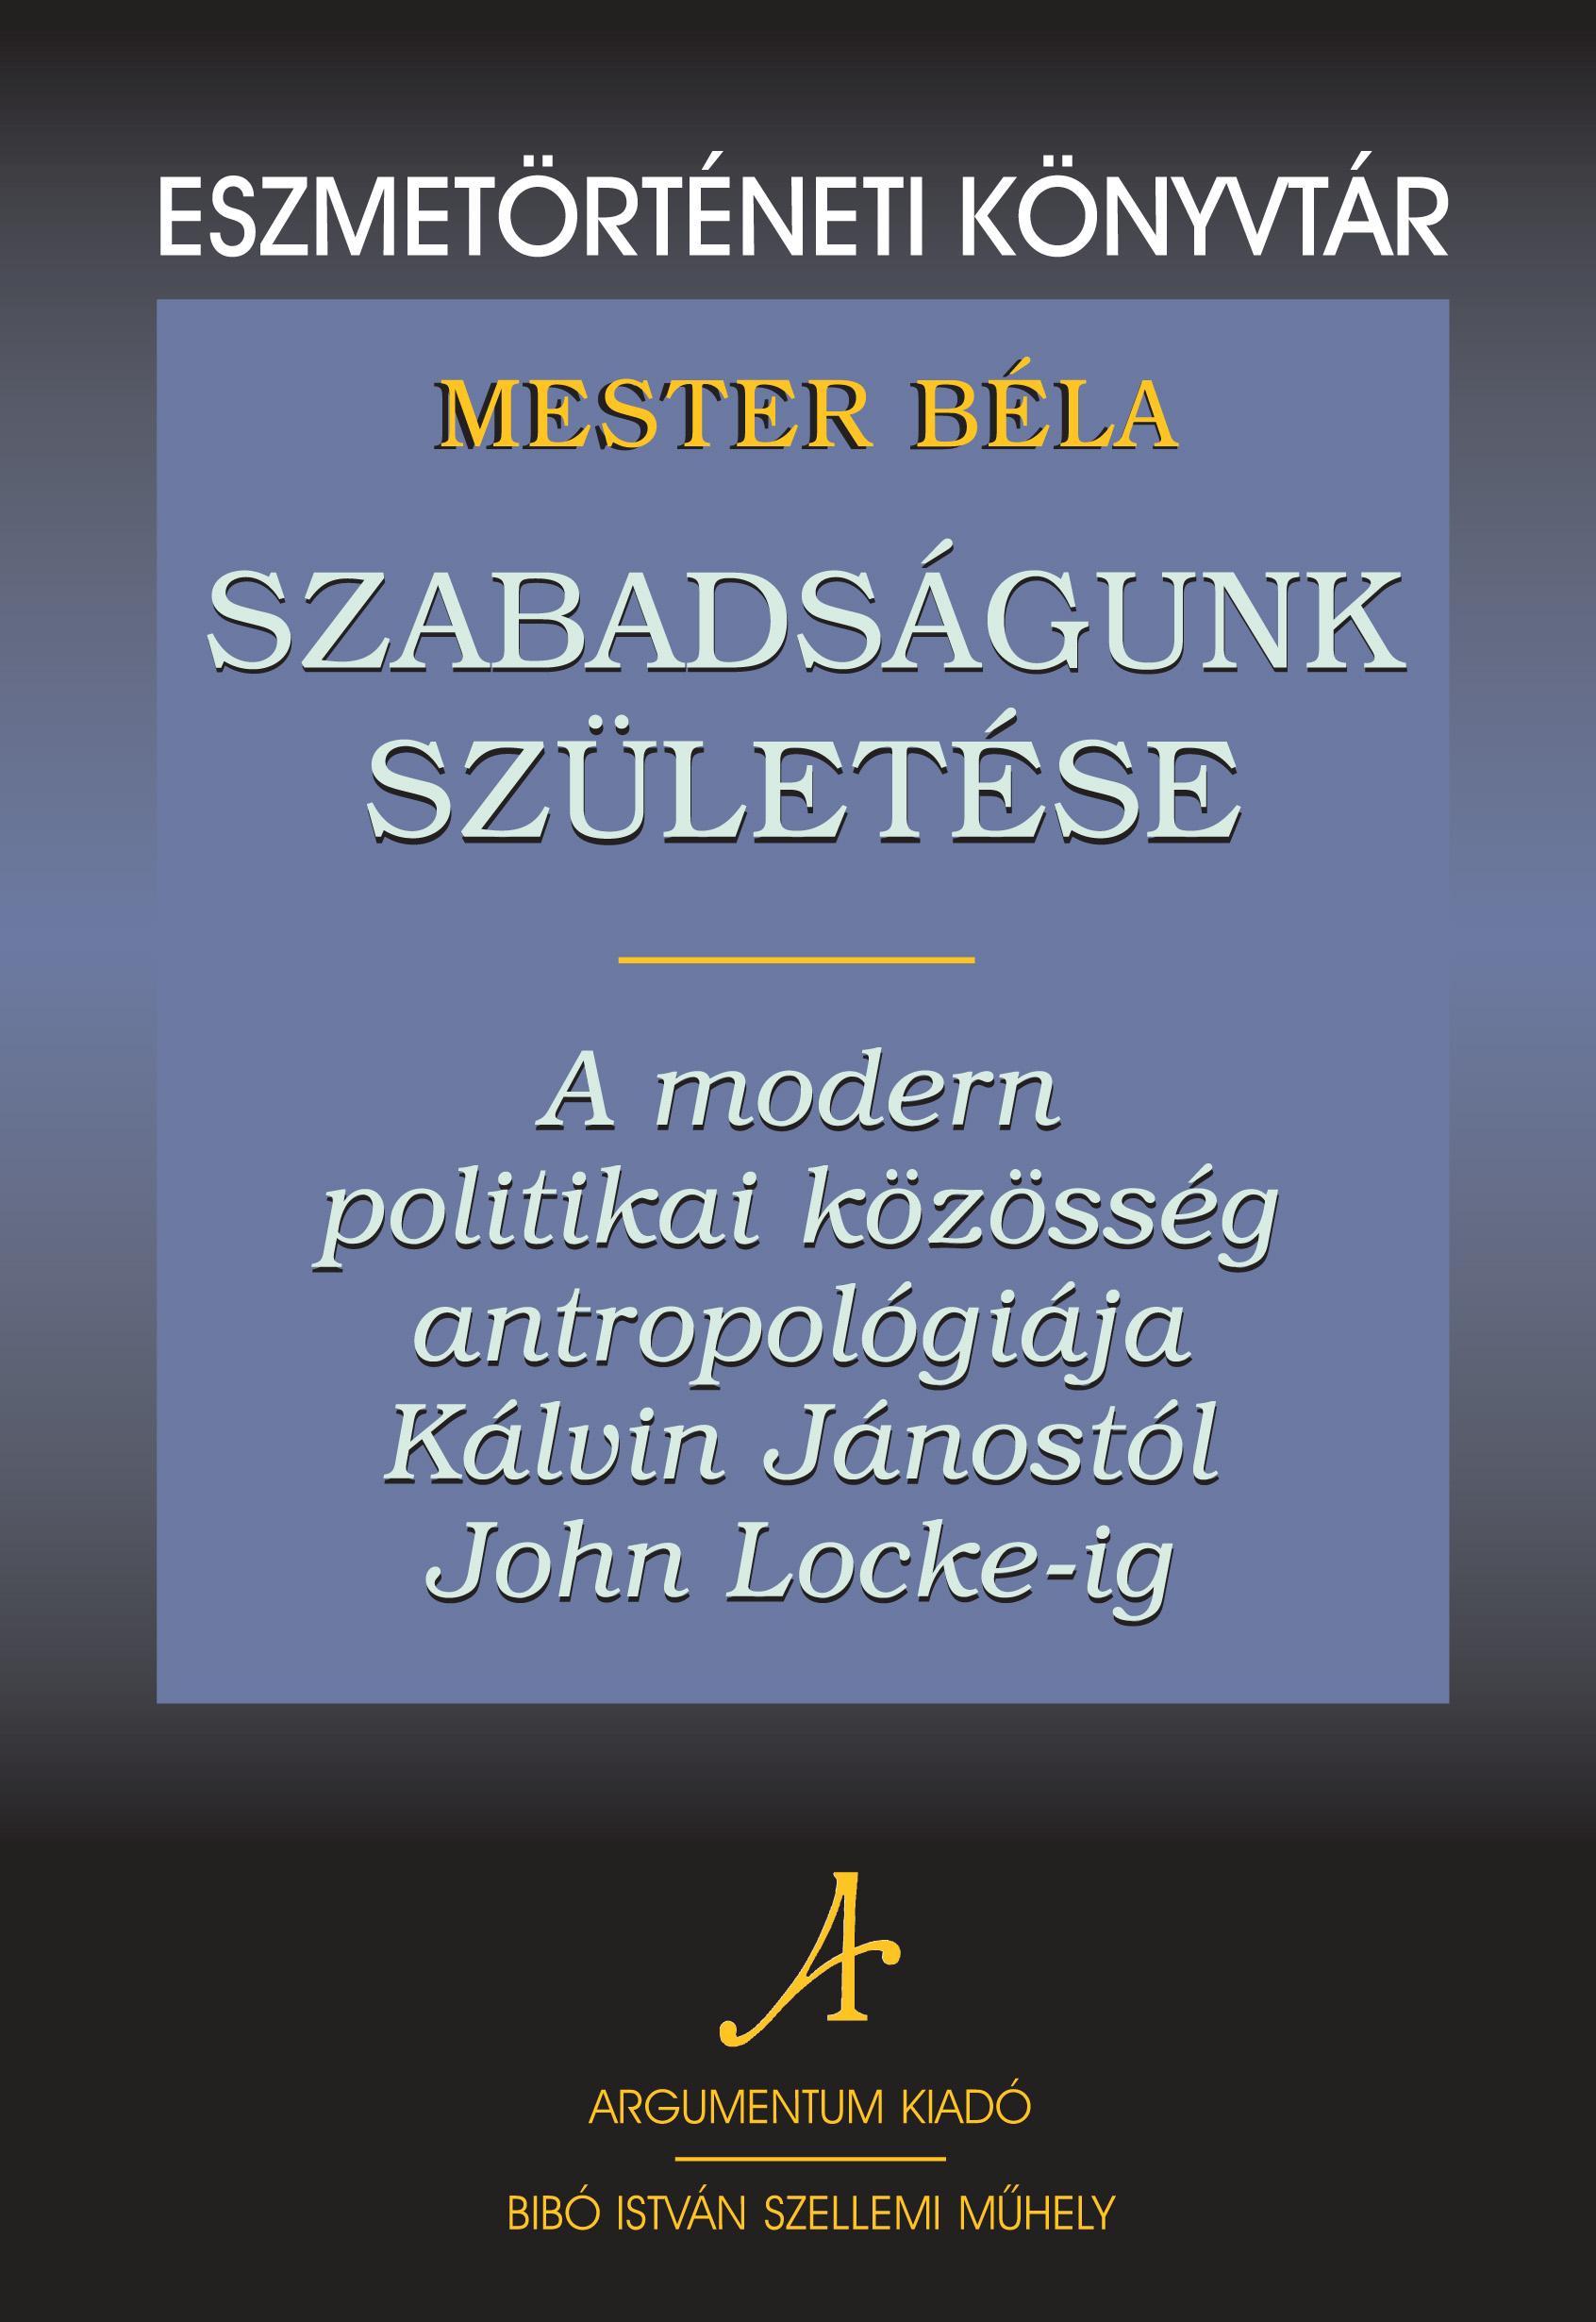 SZABADSÁGUNK SZÜLETÉSE - A MODERN POLITIKAI KÖZÖSSÉG ANTROPOLÓGIÁJA KÁLVIN JÁNOS